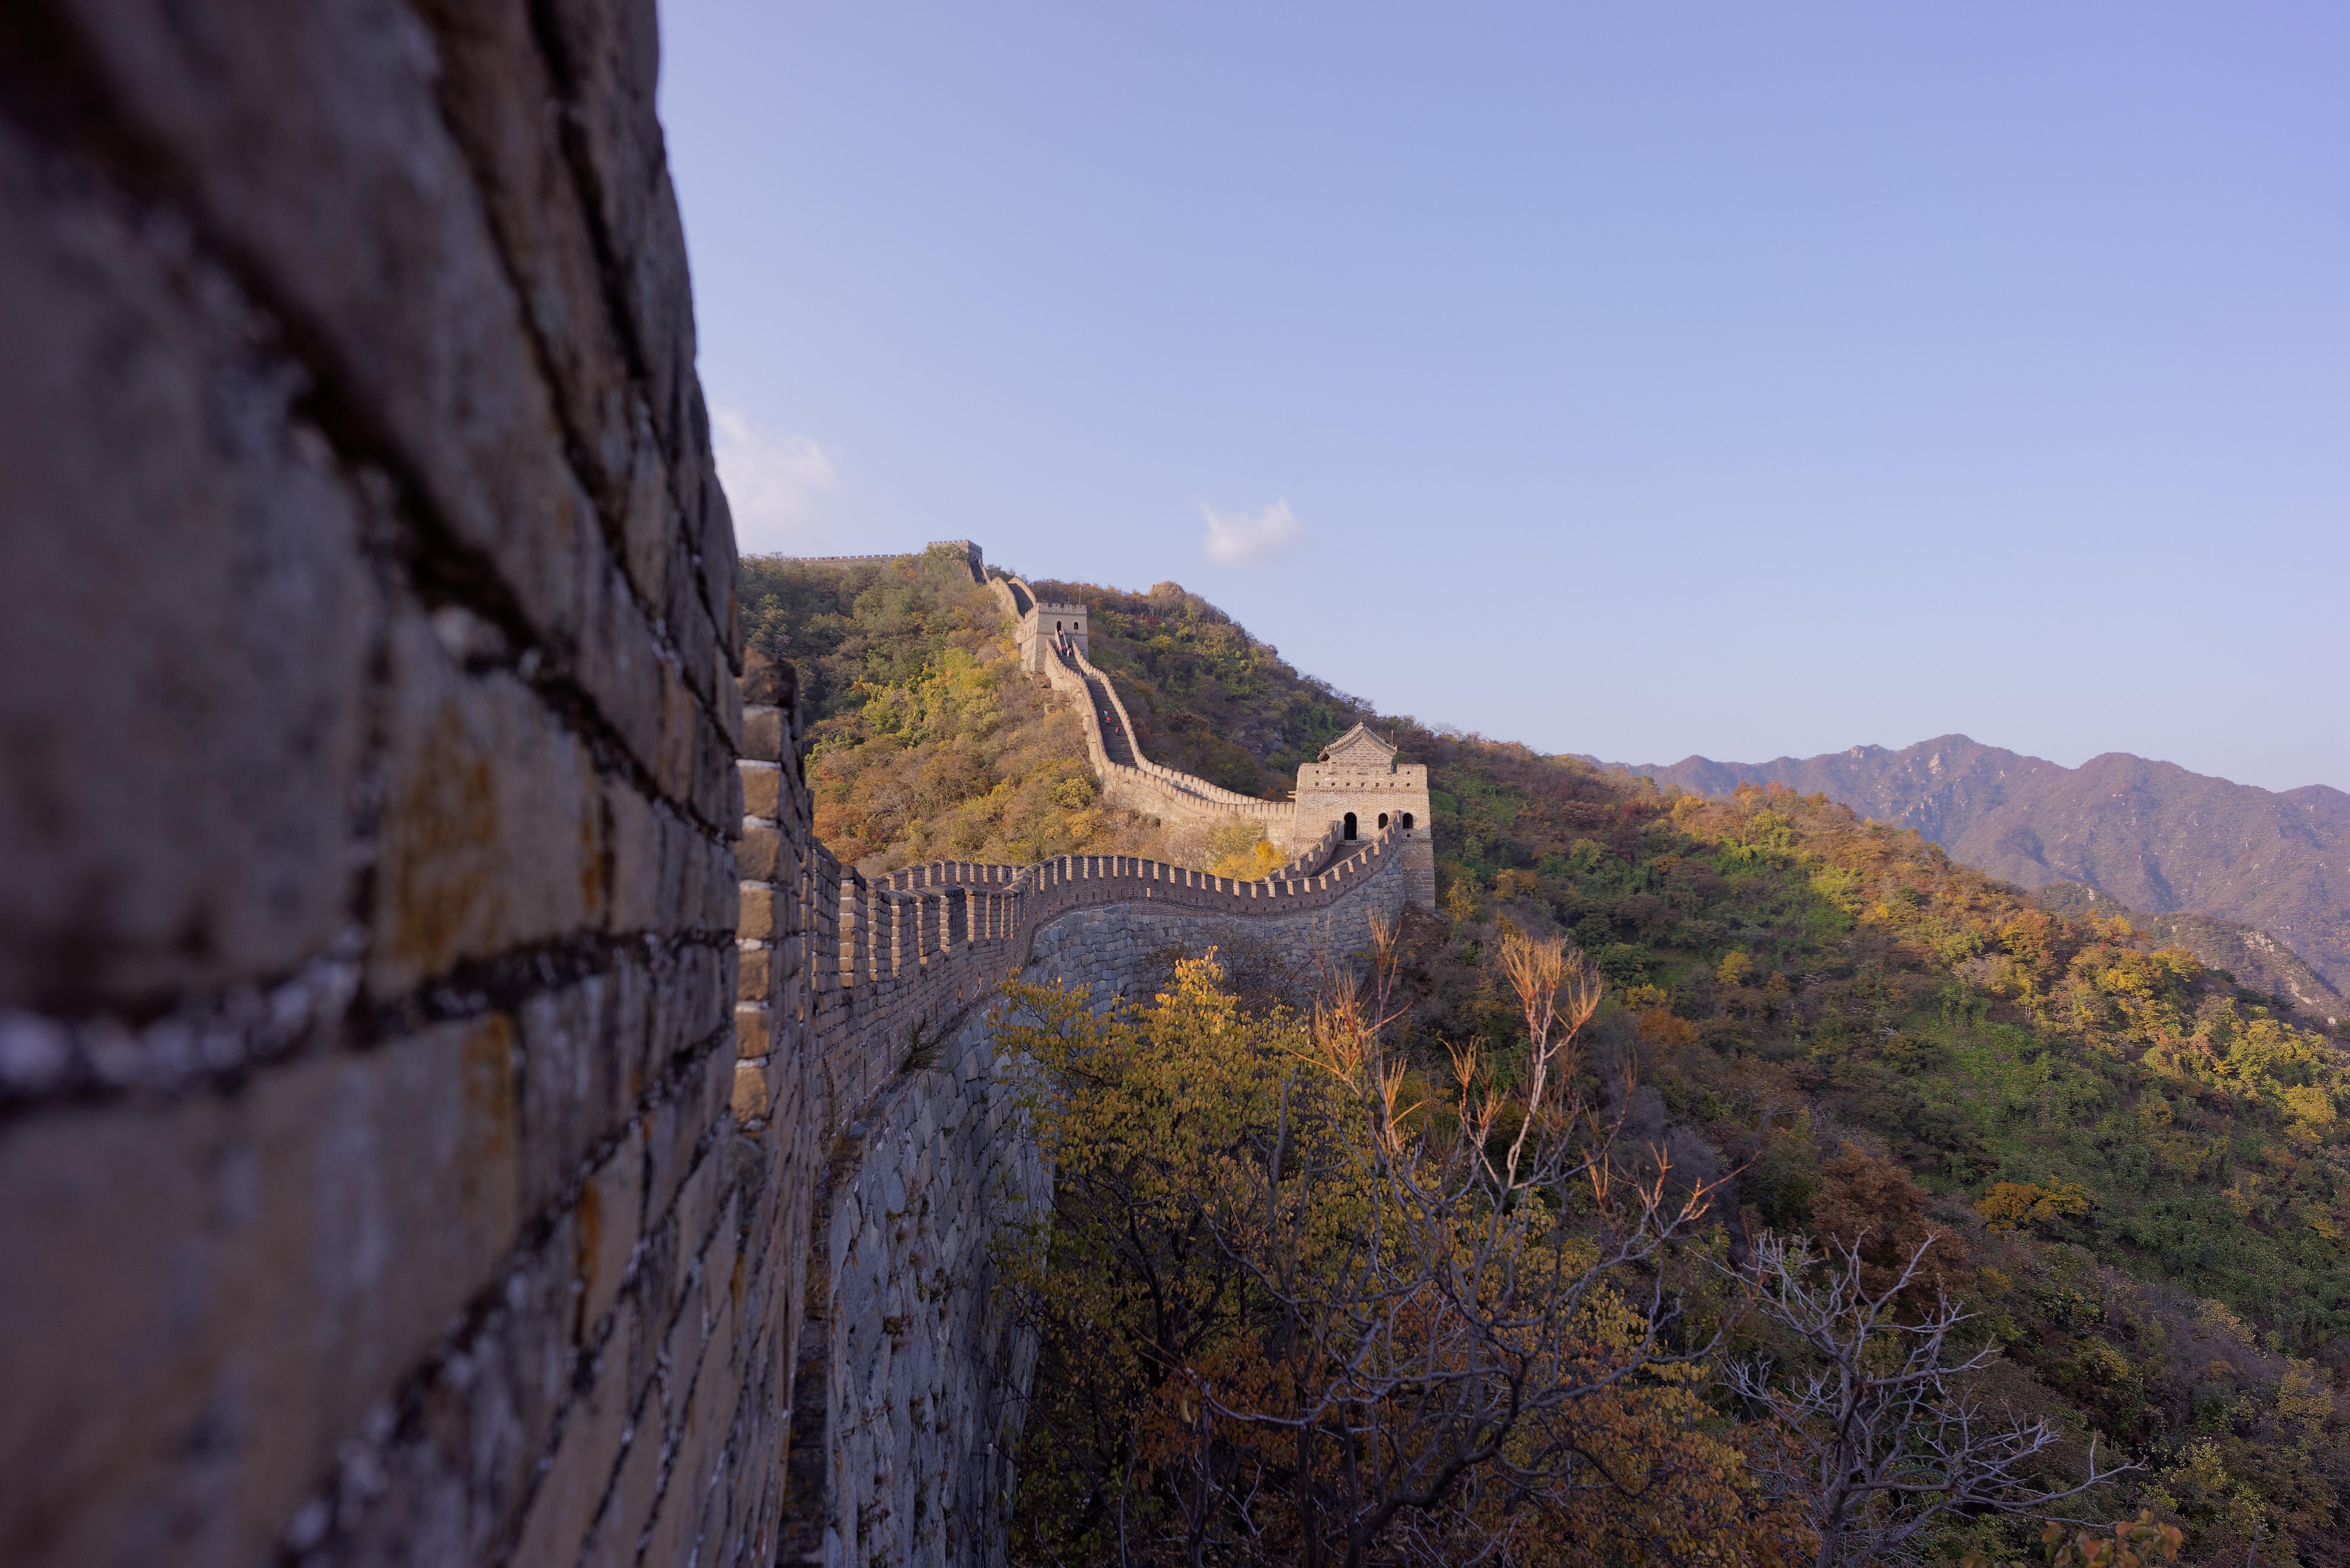 Cosa dovresti vedere in Cina? La Grande Muraglia ovviamente